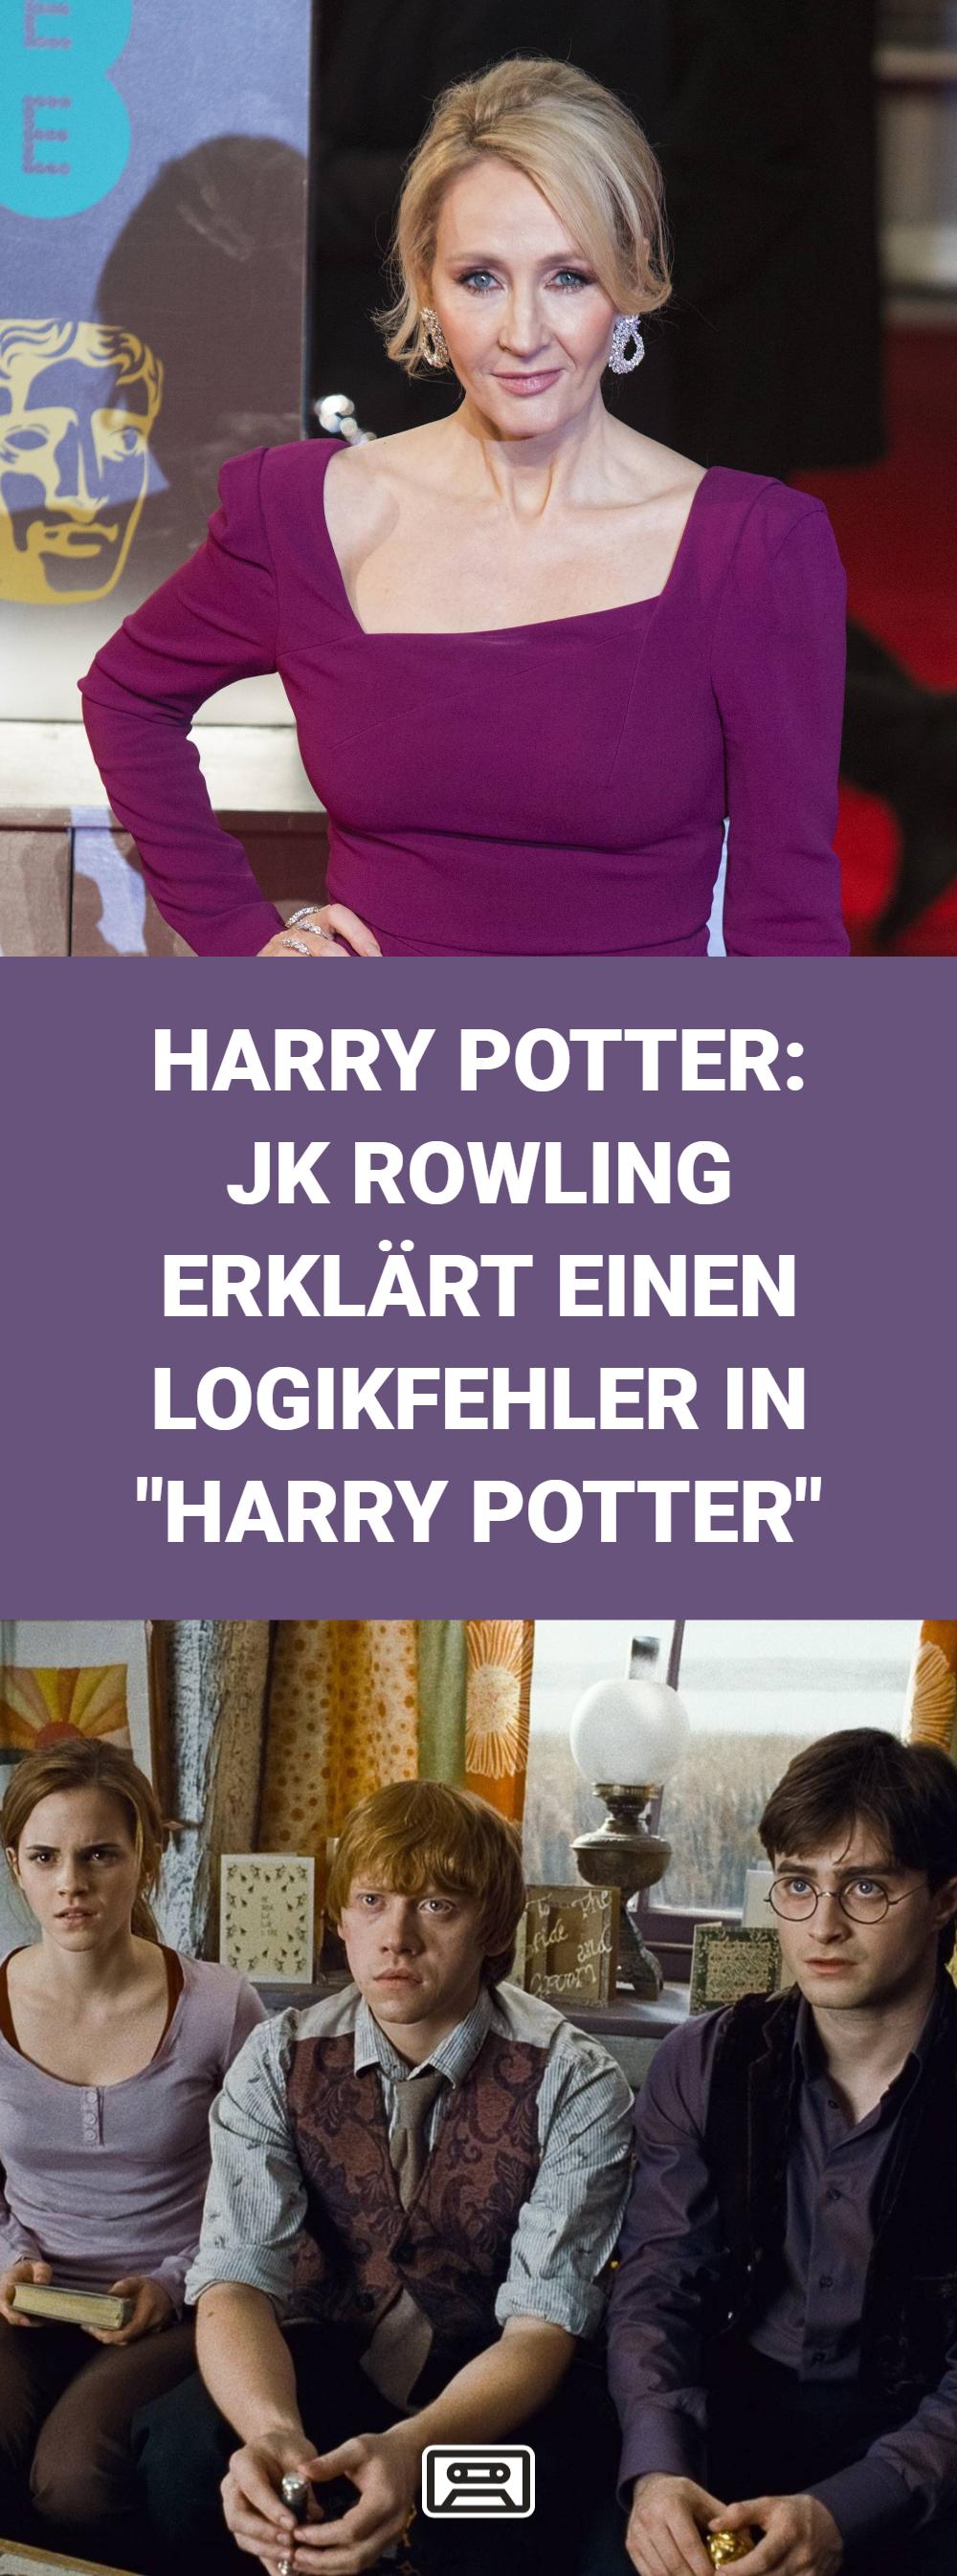 Ob In Den Buchern Oder In Den Filmen Die Details Bei Harry Potter Sorgten Fur Verwirrung Nun Klart Autorin Jk Rowling Einen Filme Lord Voldemort Darsteller